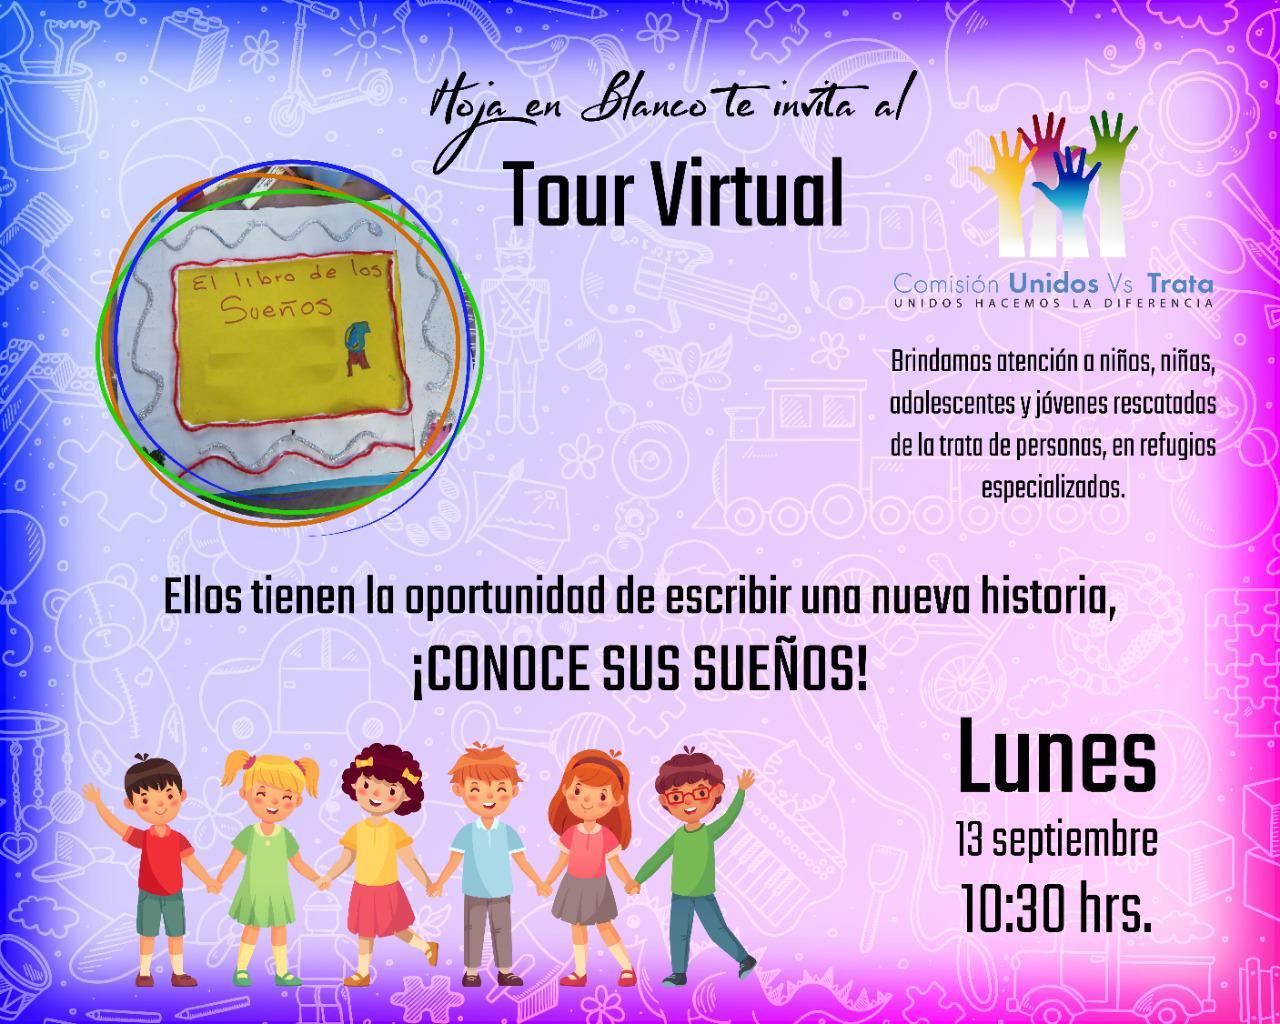 Hoja en Blanco te invita al Tour Virtual: El libro de los Sueños